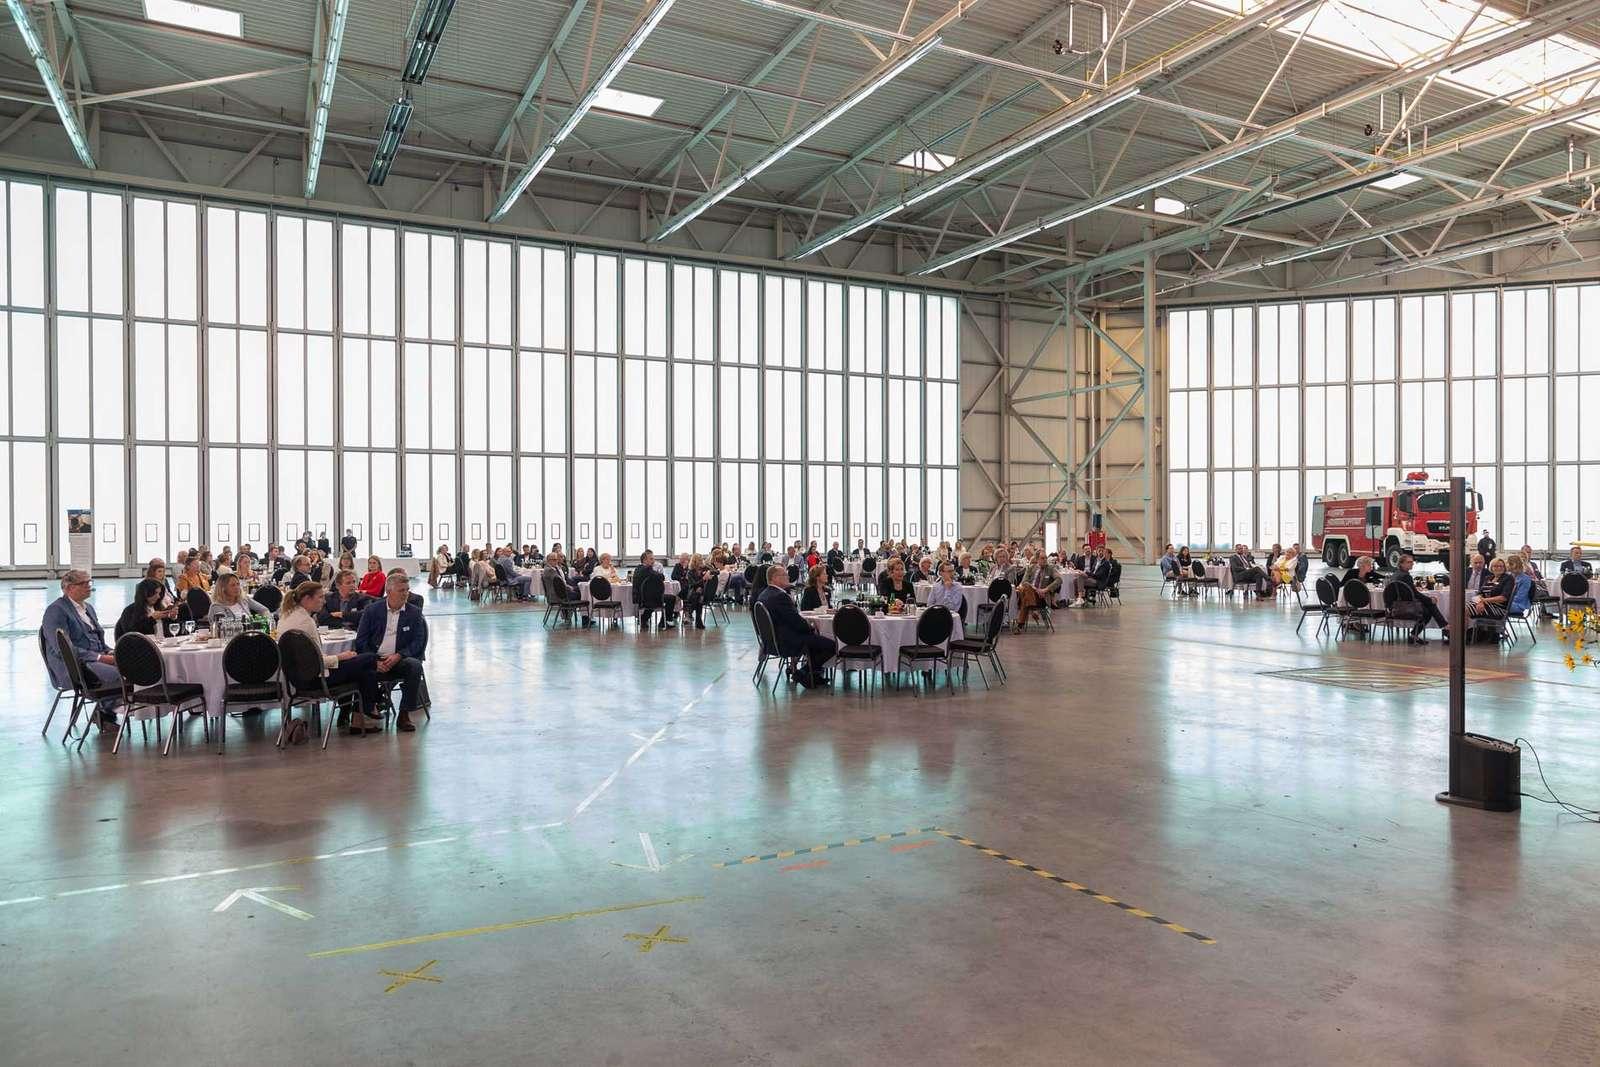 Veranstaltungsort war der Werft-Hangar des Flughafens Paderborn